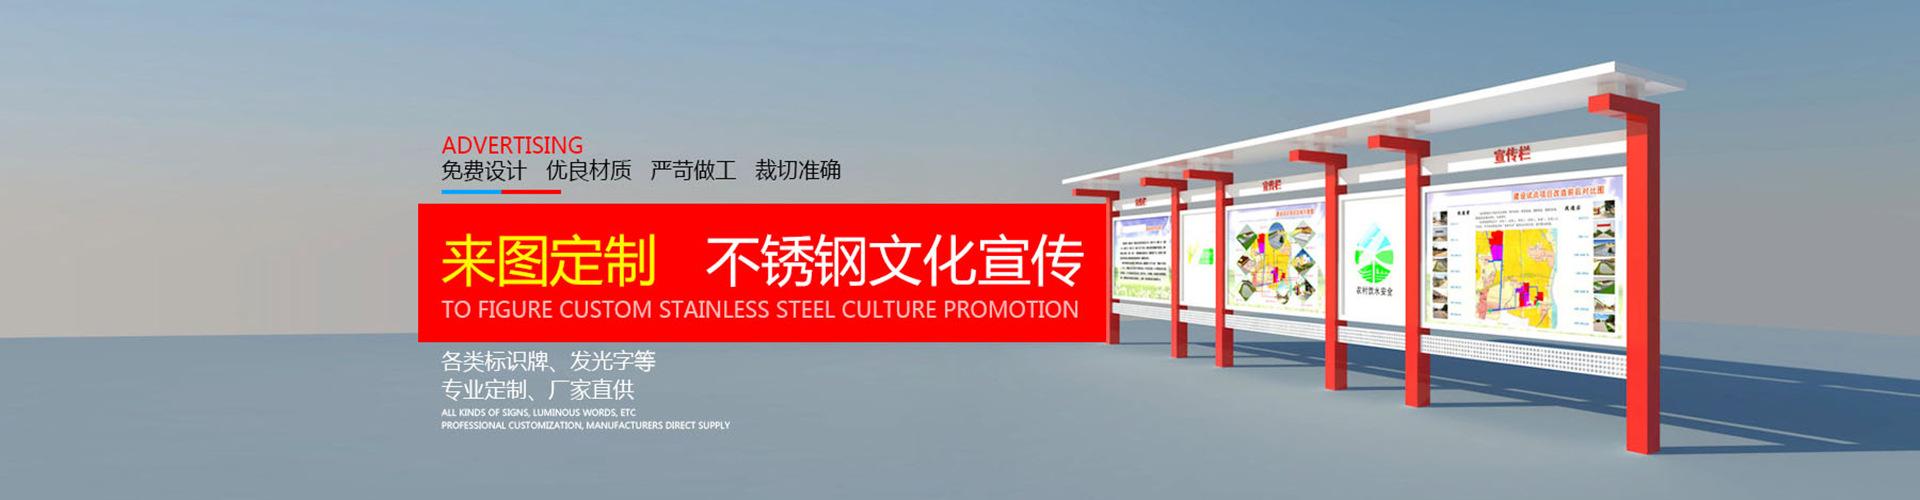 不锈钢文化宣传